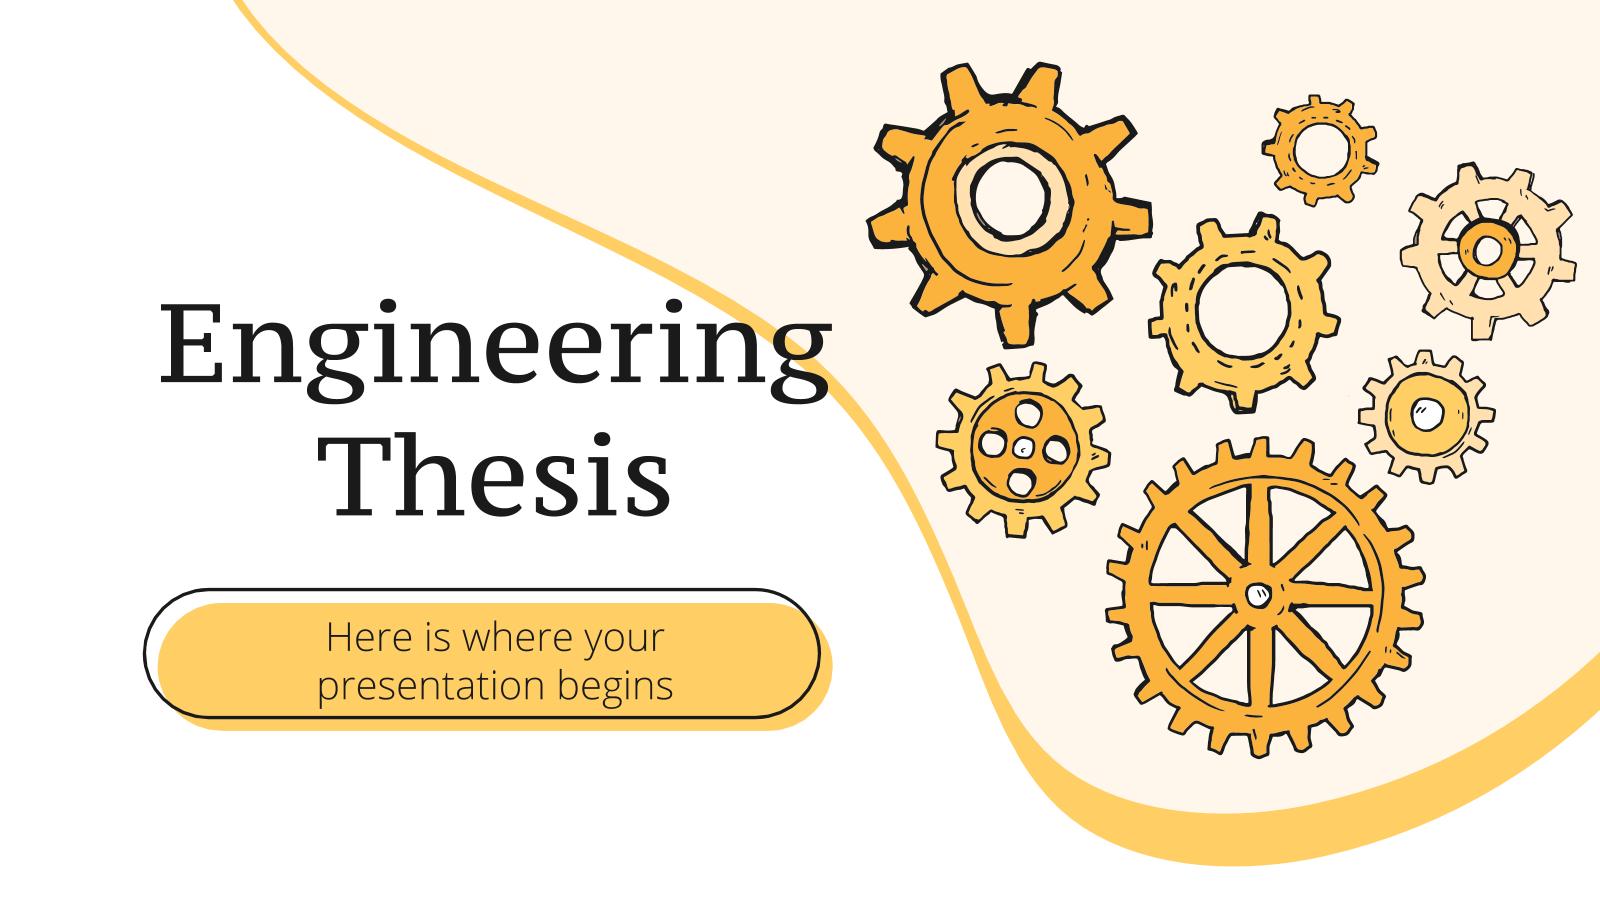 Modelo de apresentação Tranalho de engenharia